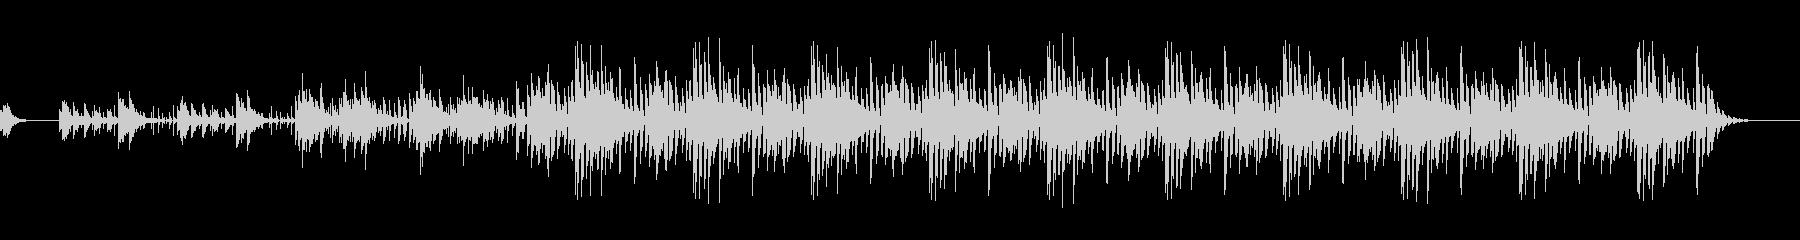 スローテンポノービートバージョンの未再生の波形